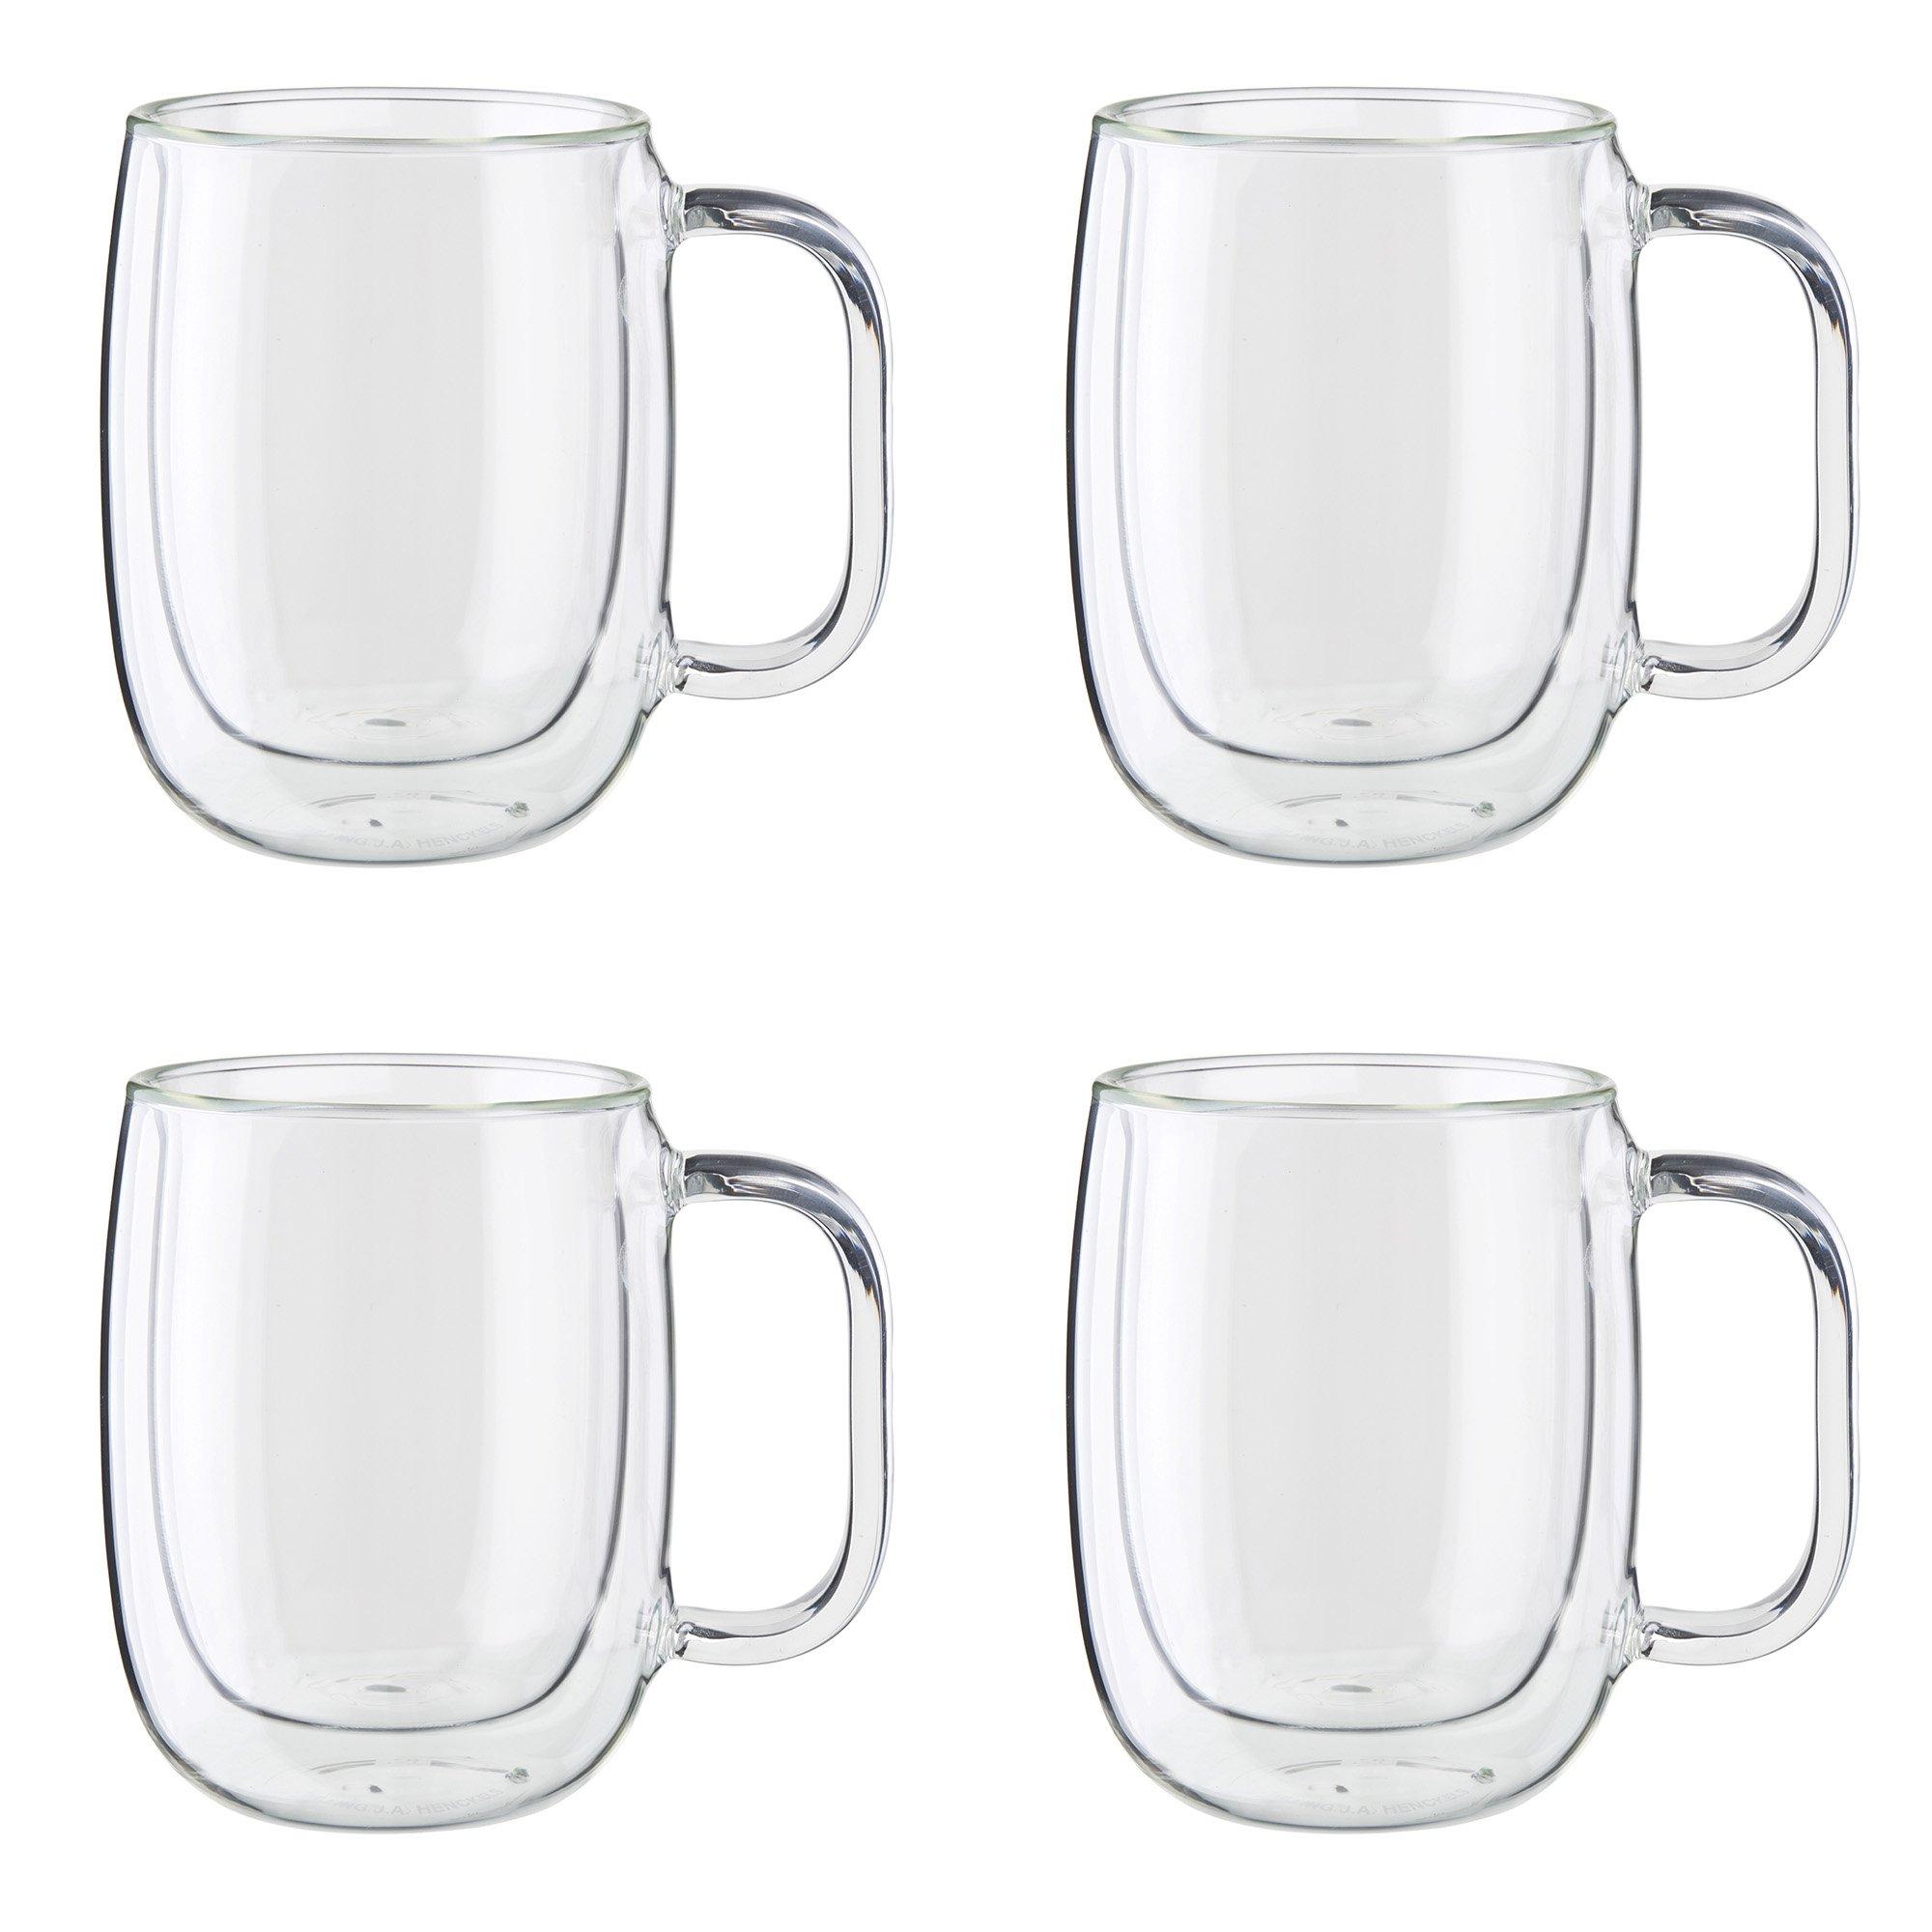 ZWILLING J.A. Henckels 39500-101 Coffee Mug Set, 12 oz, Clear